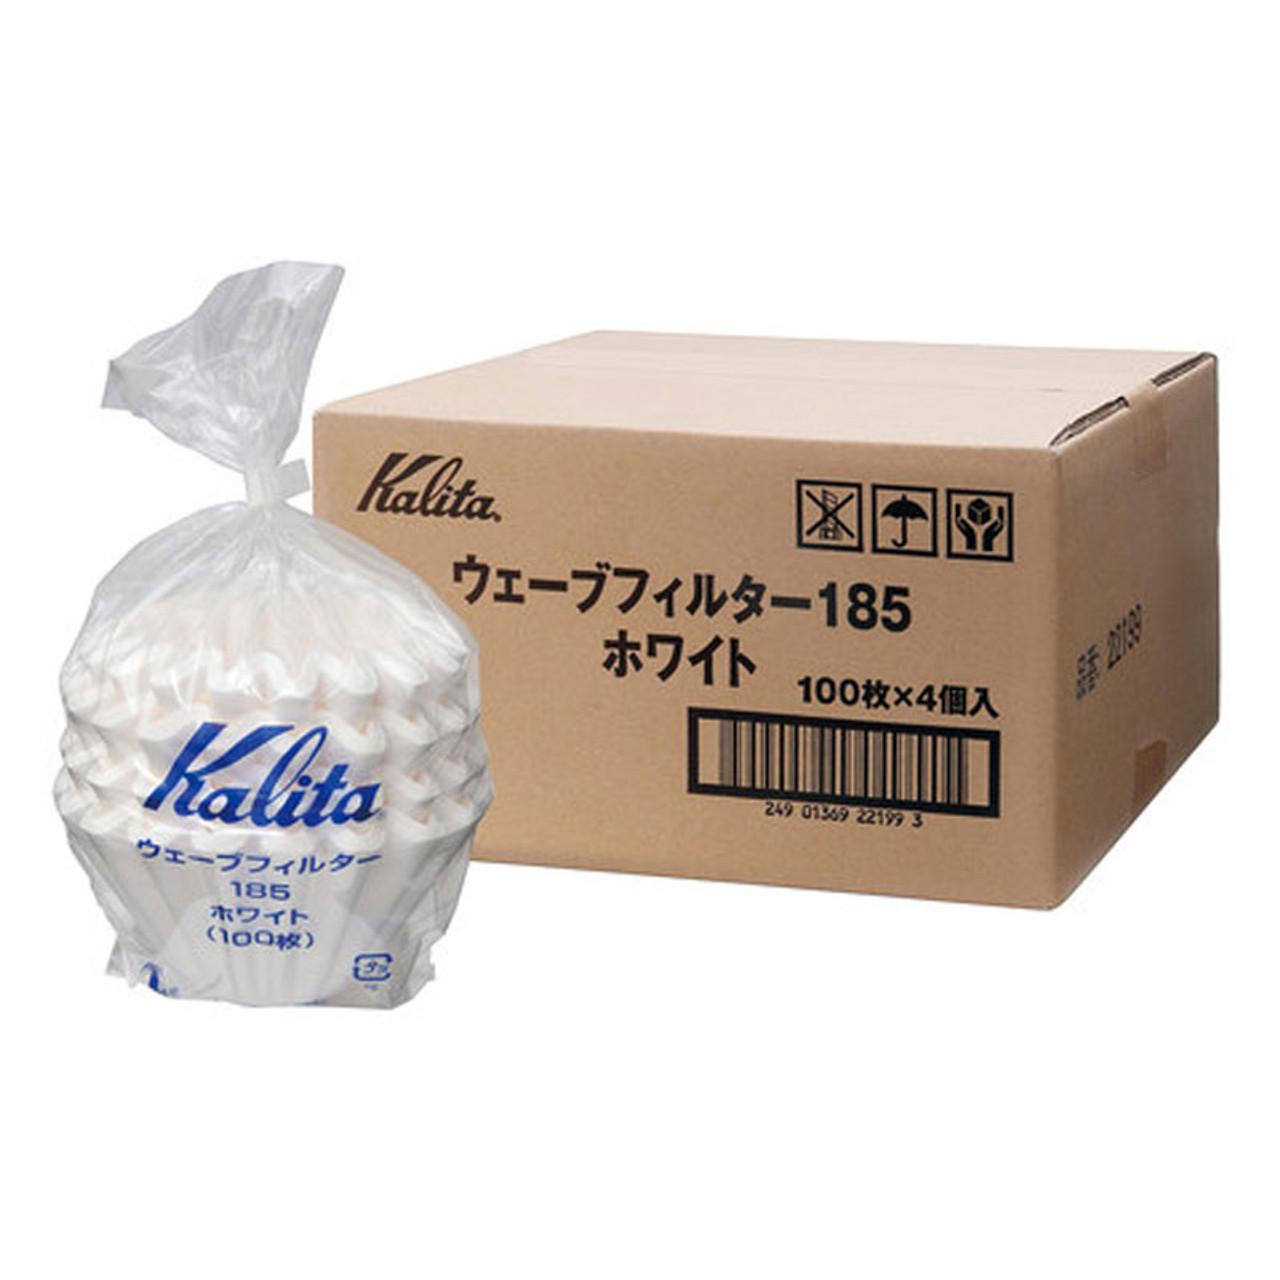 Kalita 185 Wave Filter White (100pc)